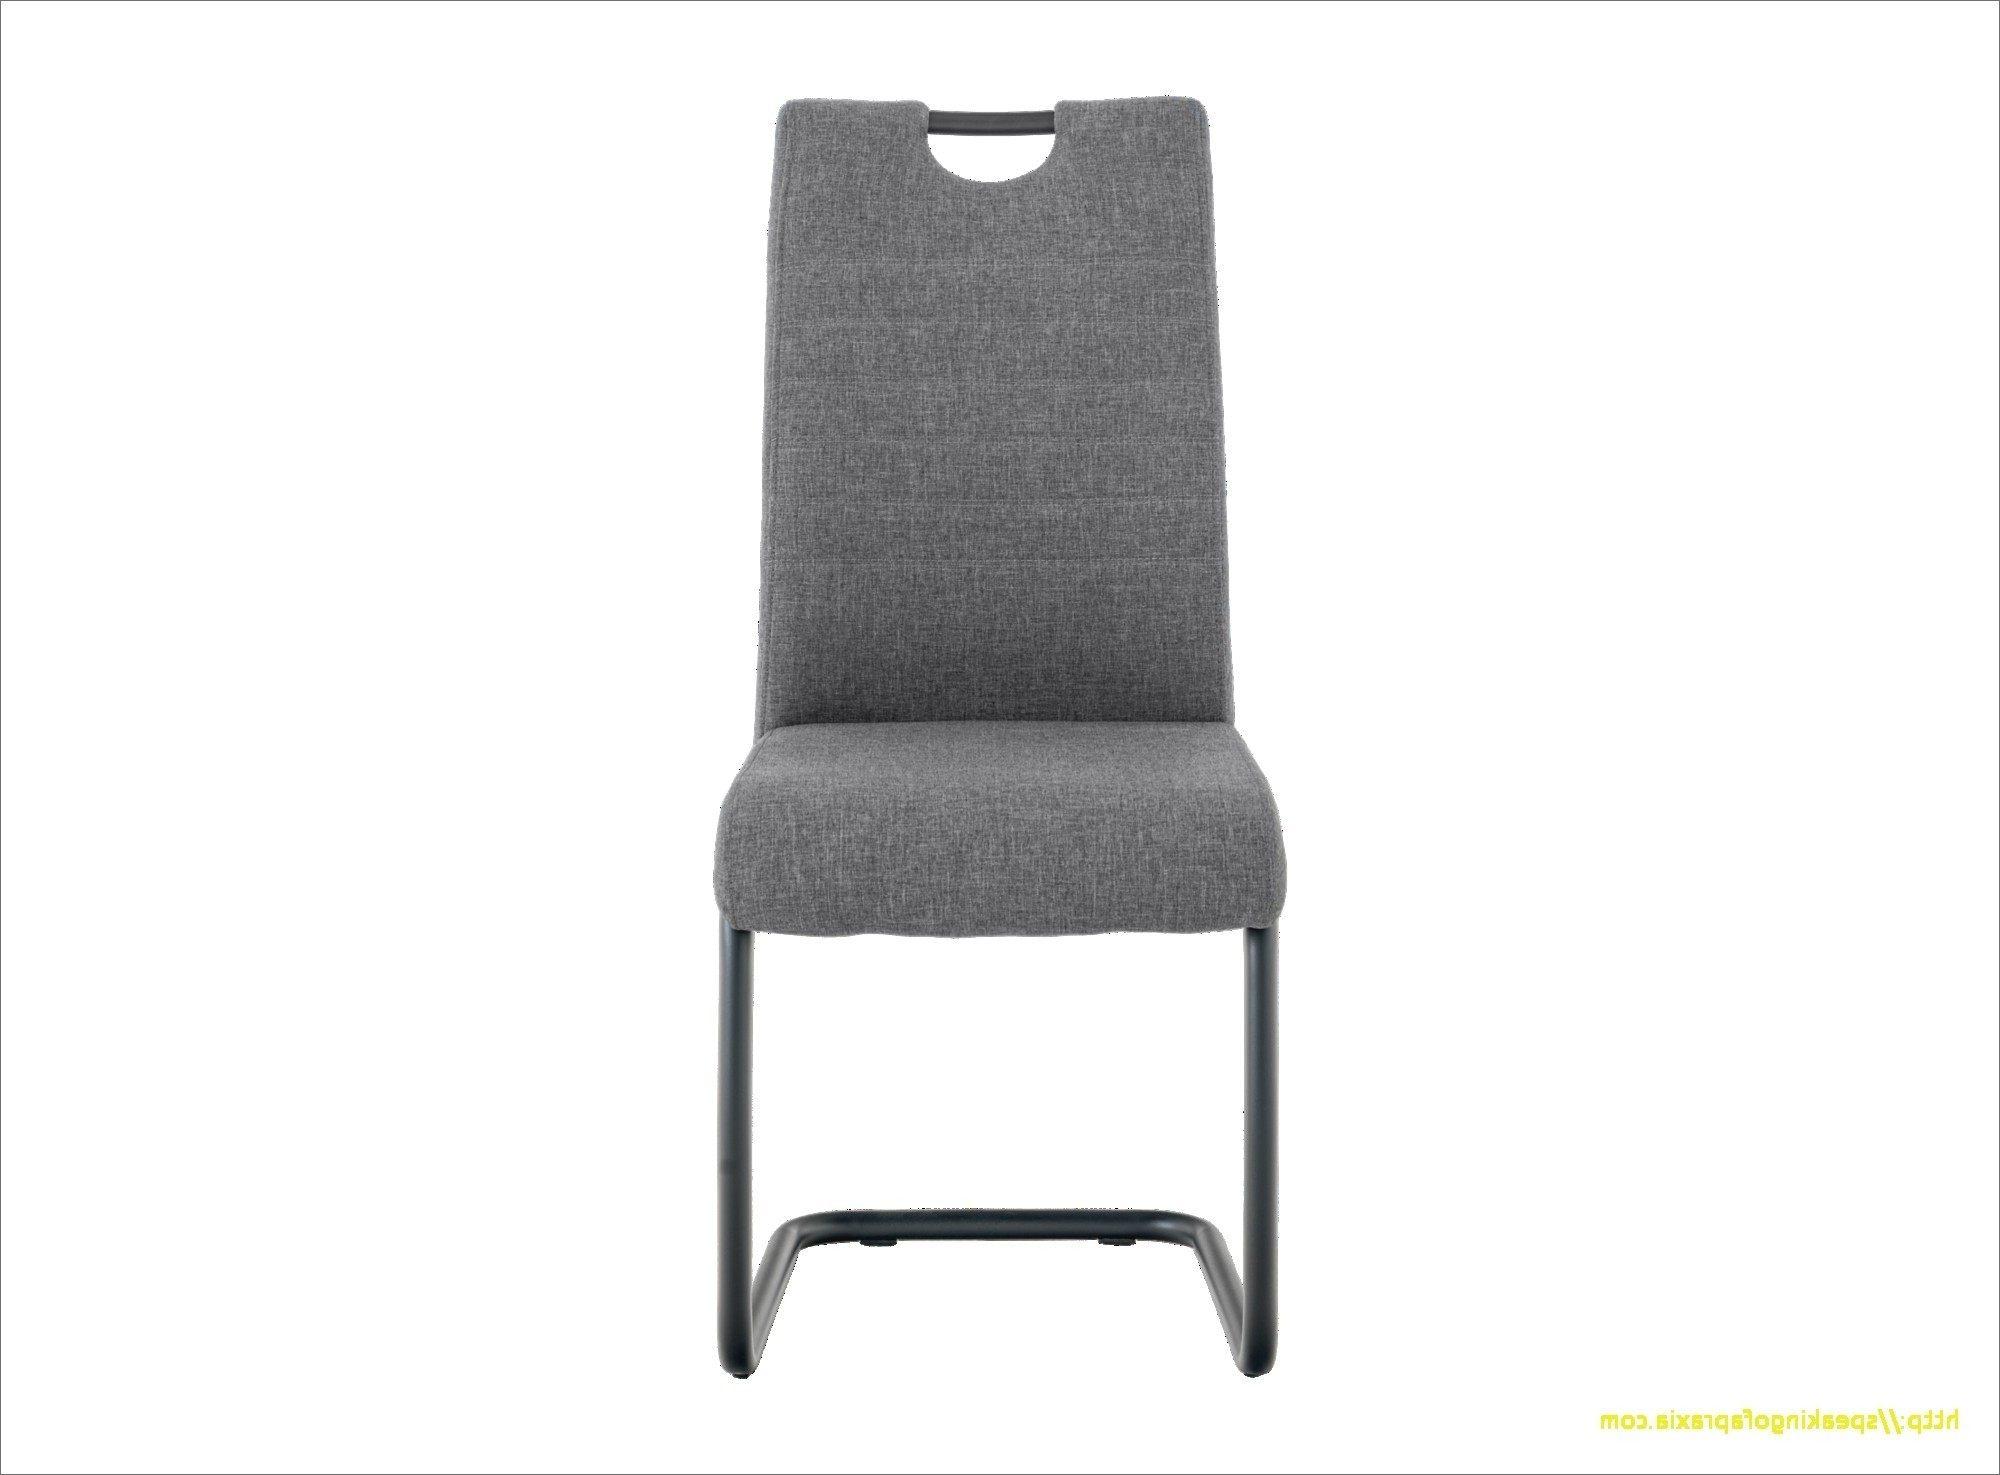 Ikea Lit Extensible Génial Adorable Blancheporte Housse De Chaise Et Housse De Chaise